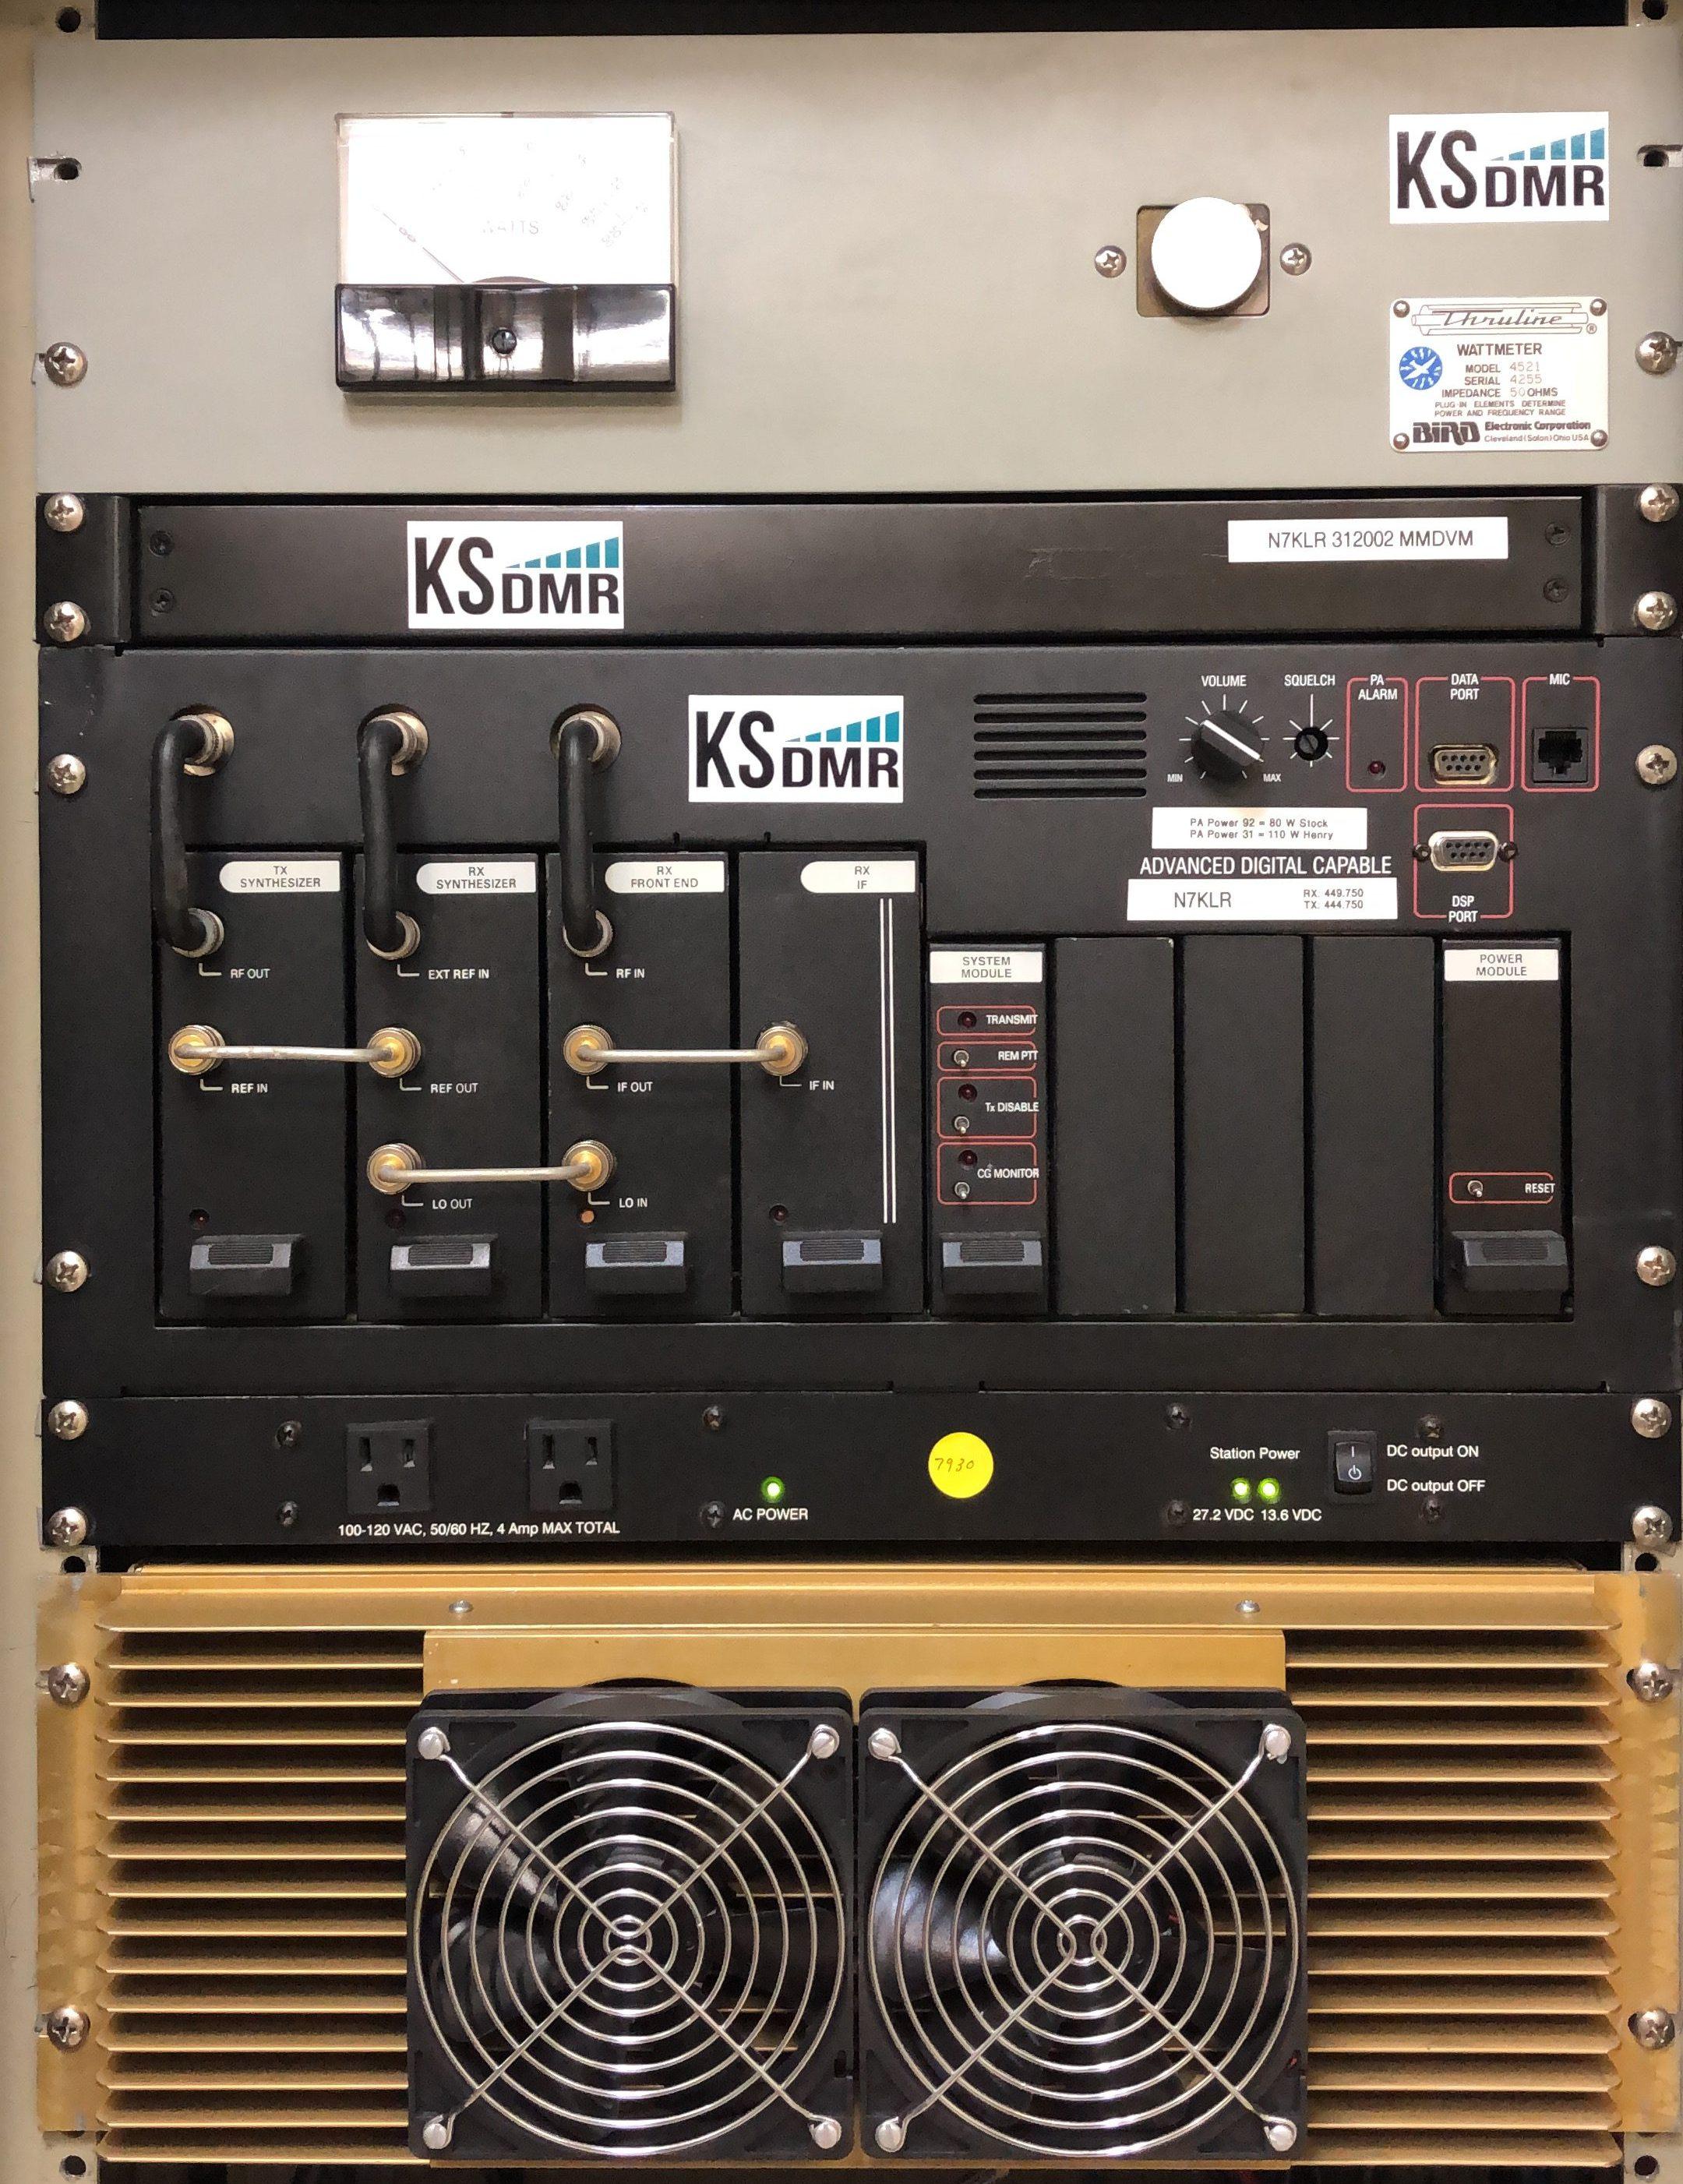 Minneapolis – 444 750 – N7KLR – KS-DMR Network